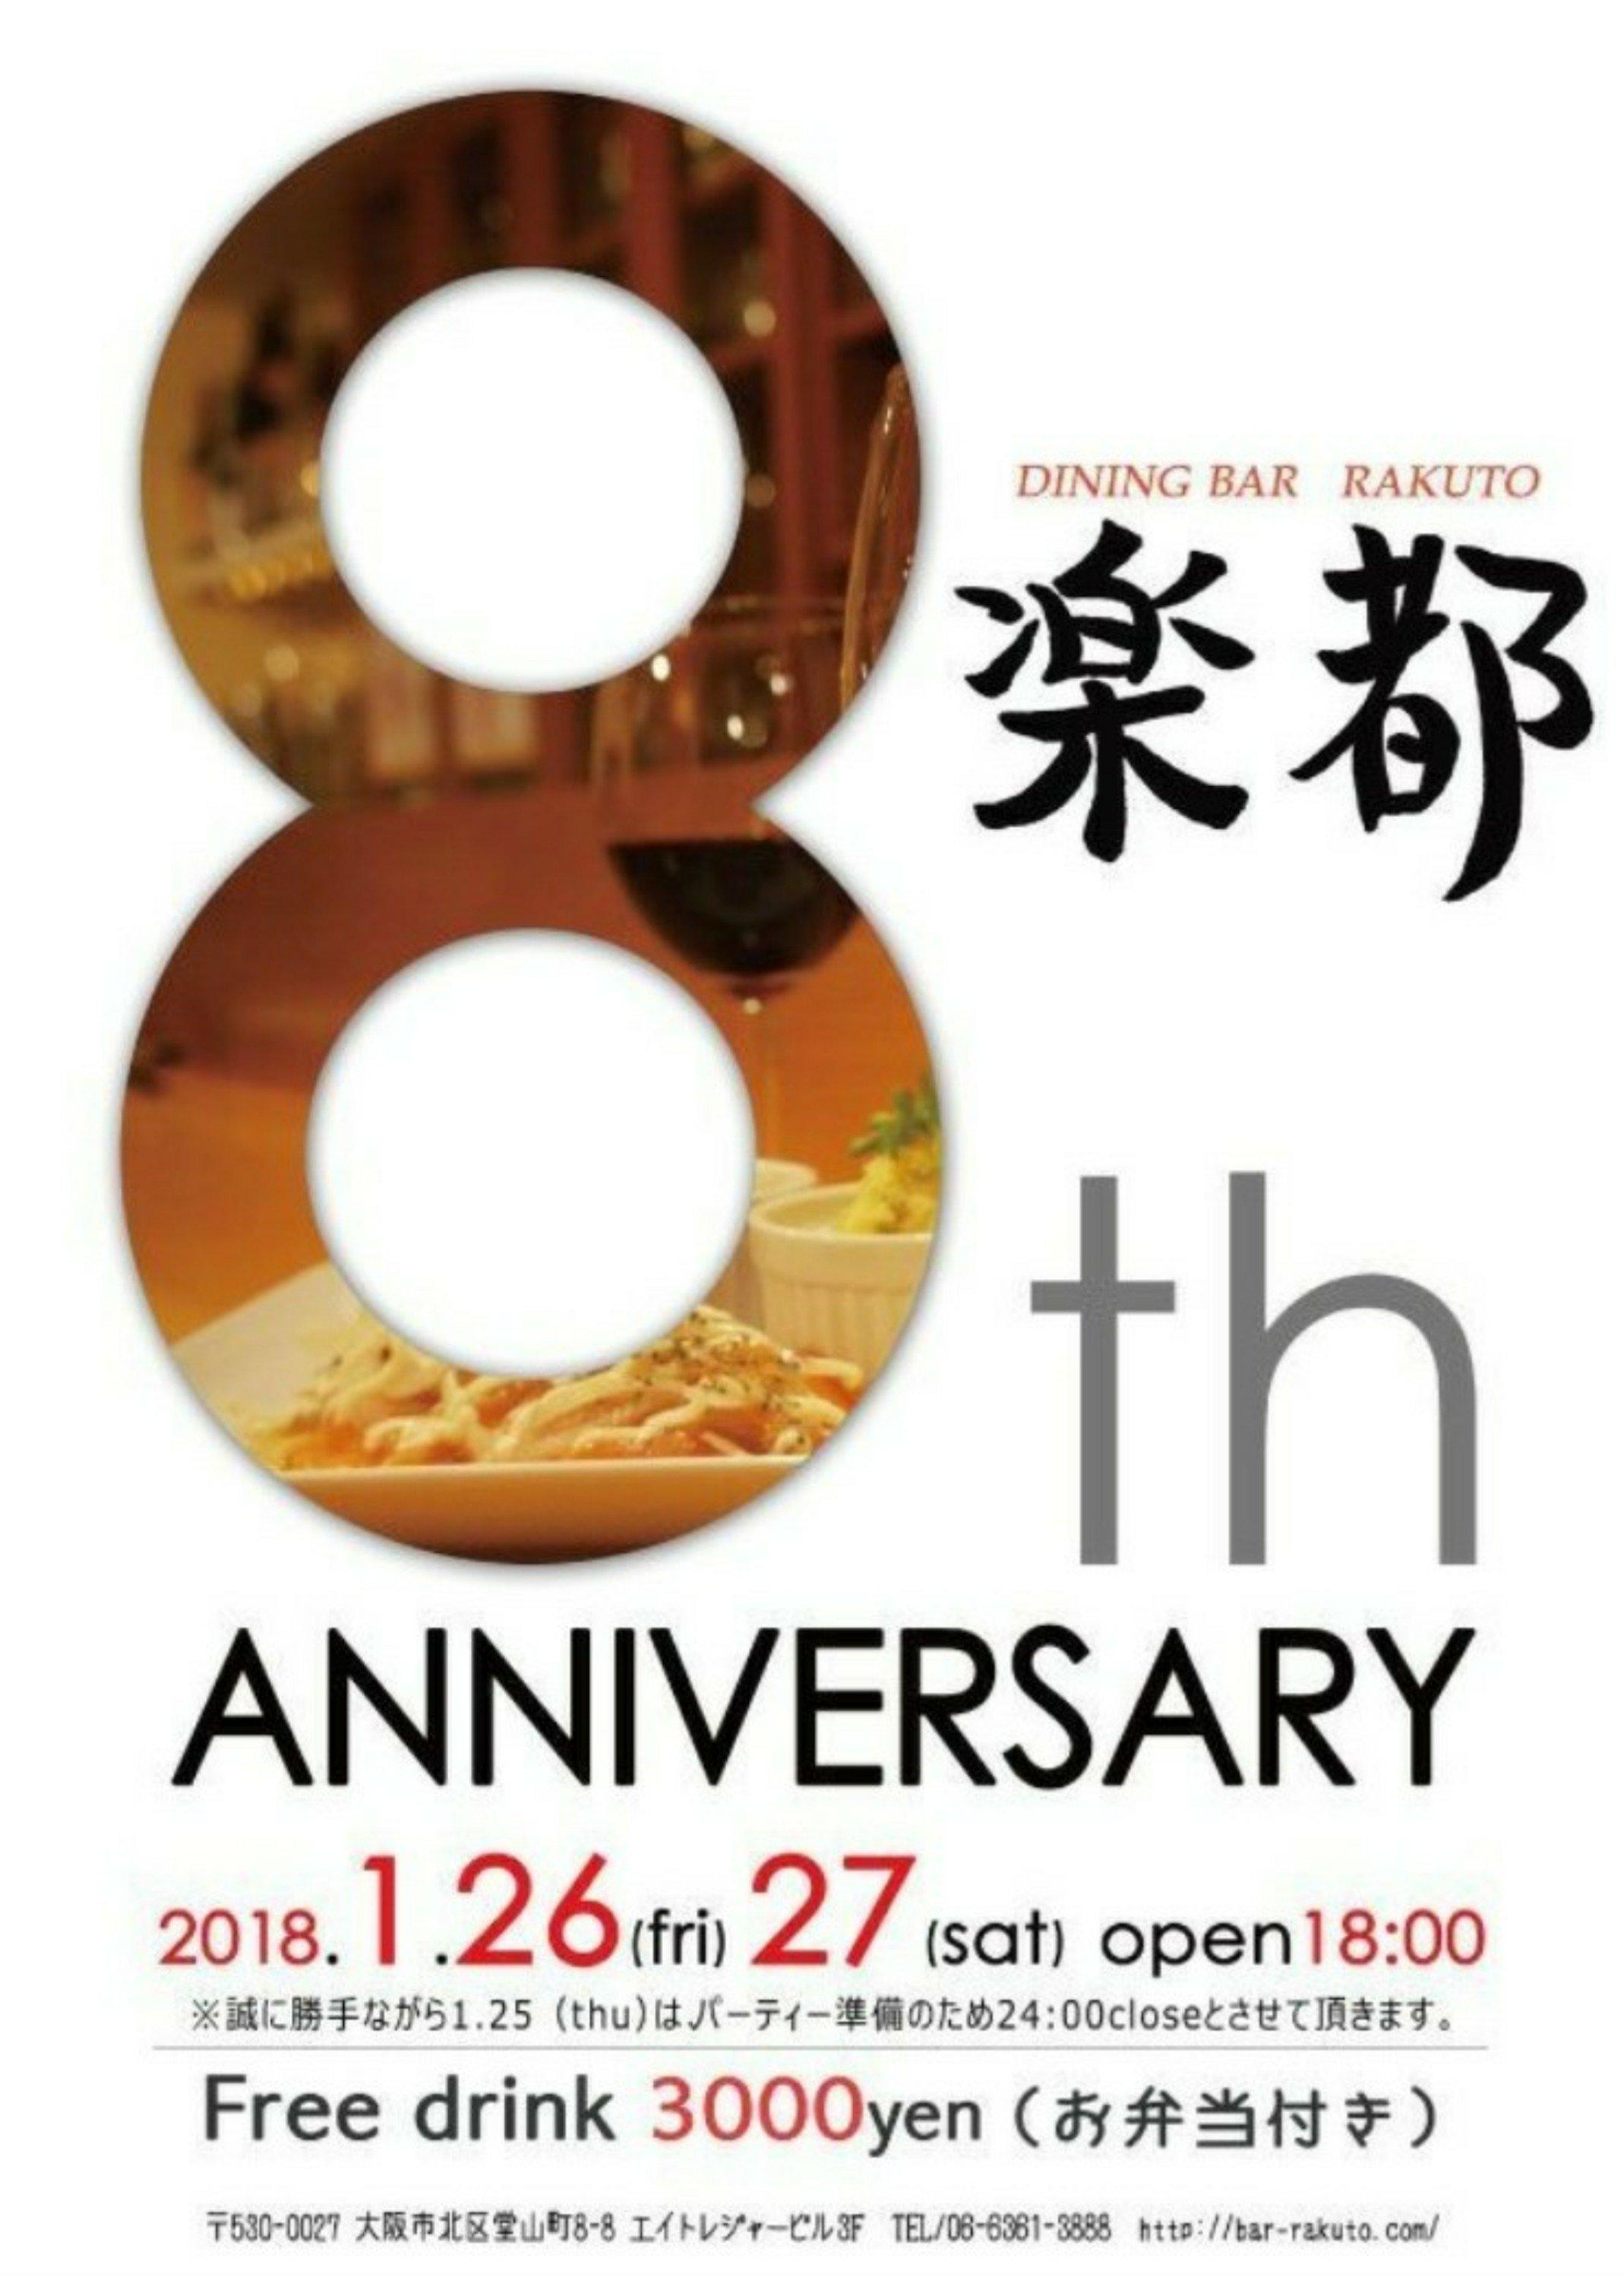 26日(金)27日(土)【楽都8周年パーティー】(マコト)【ダイニングバー楽都】